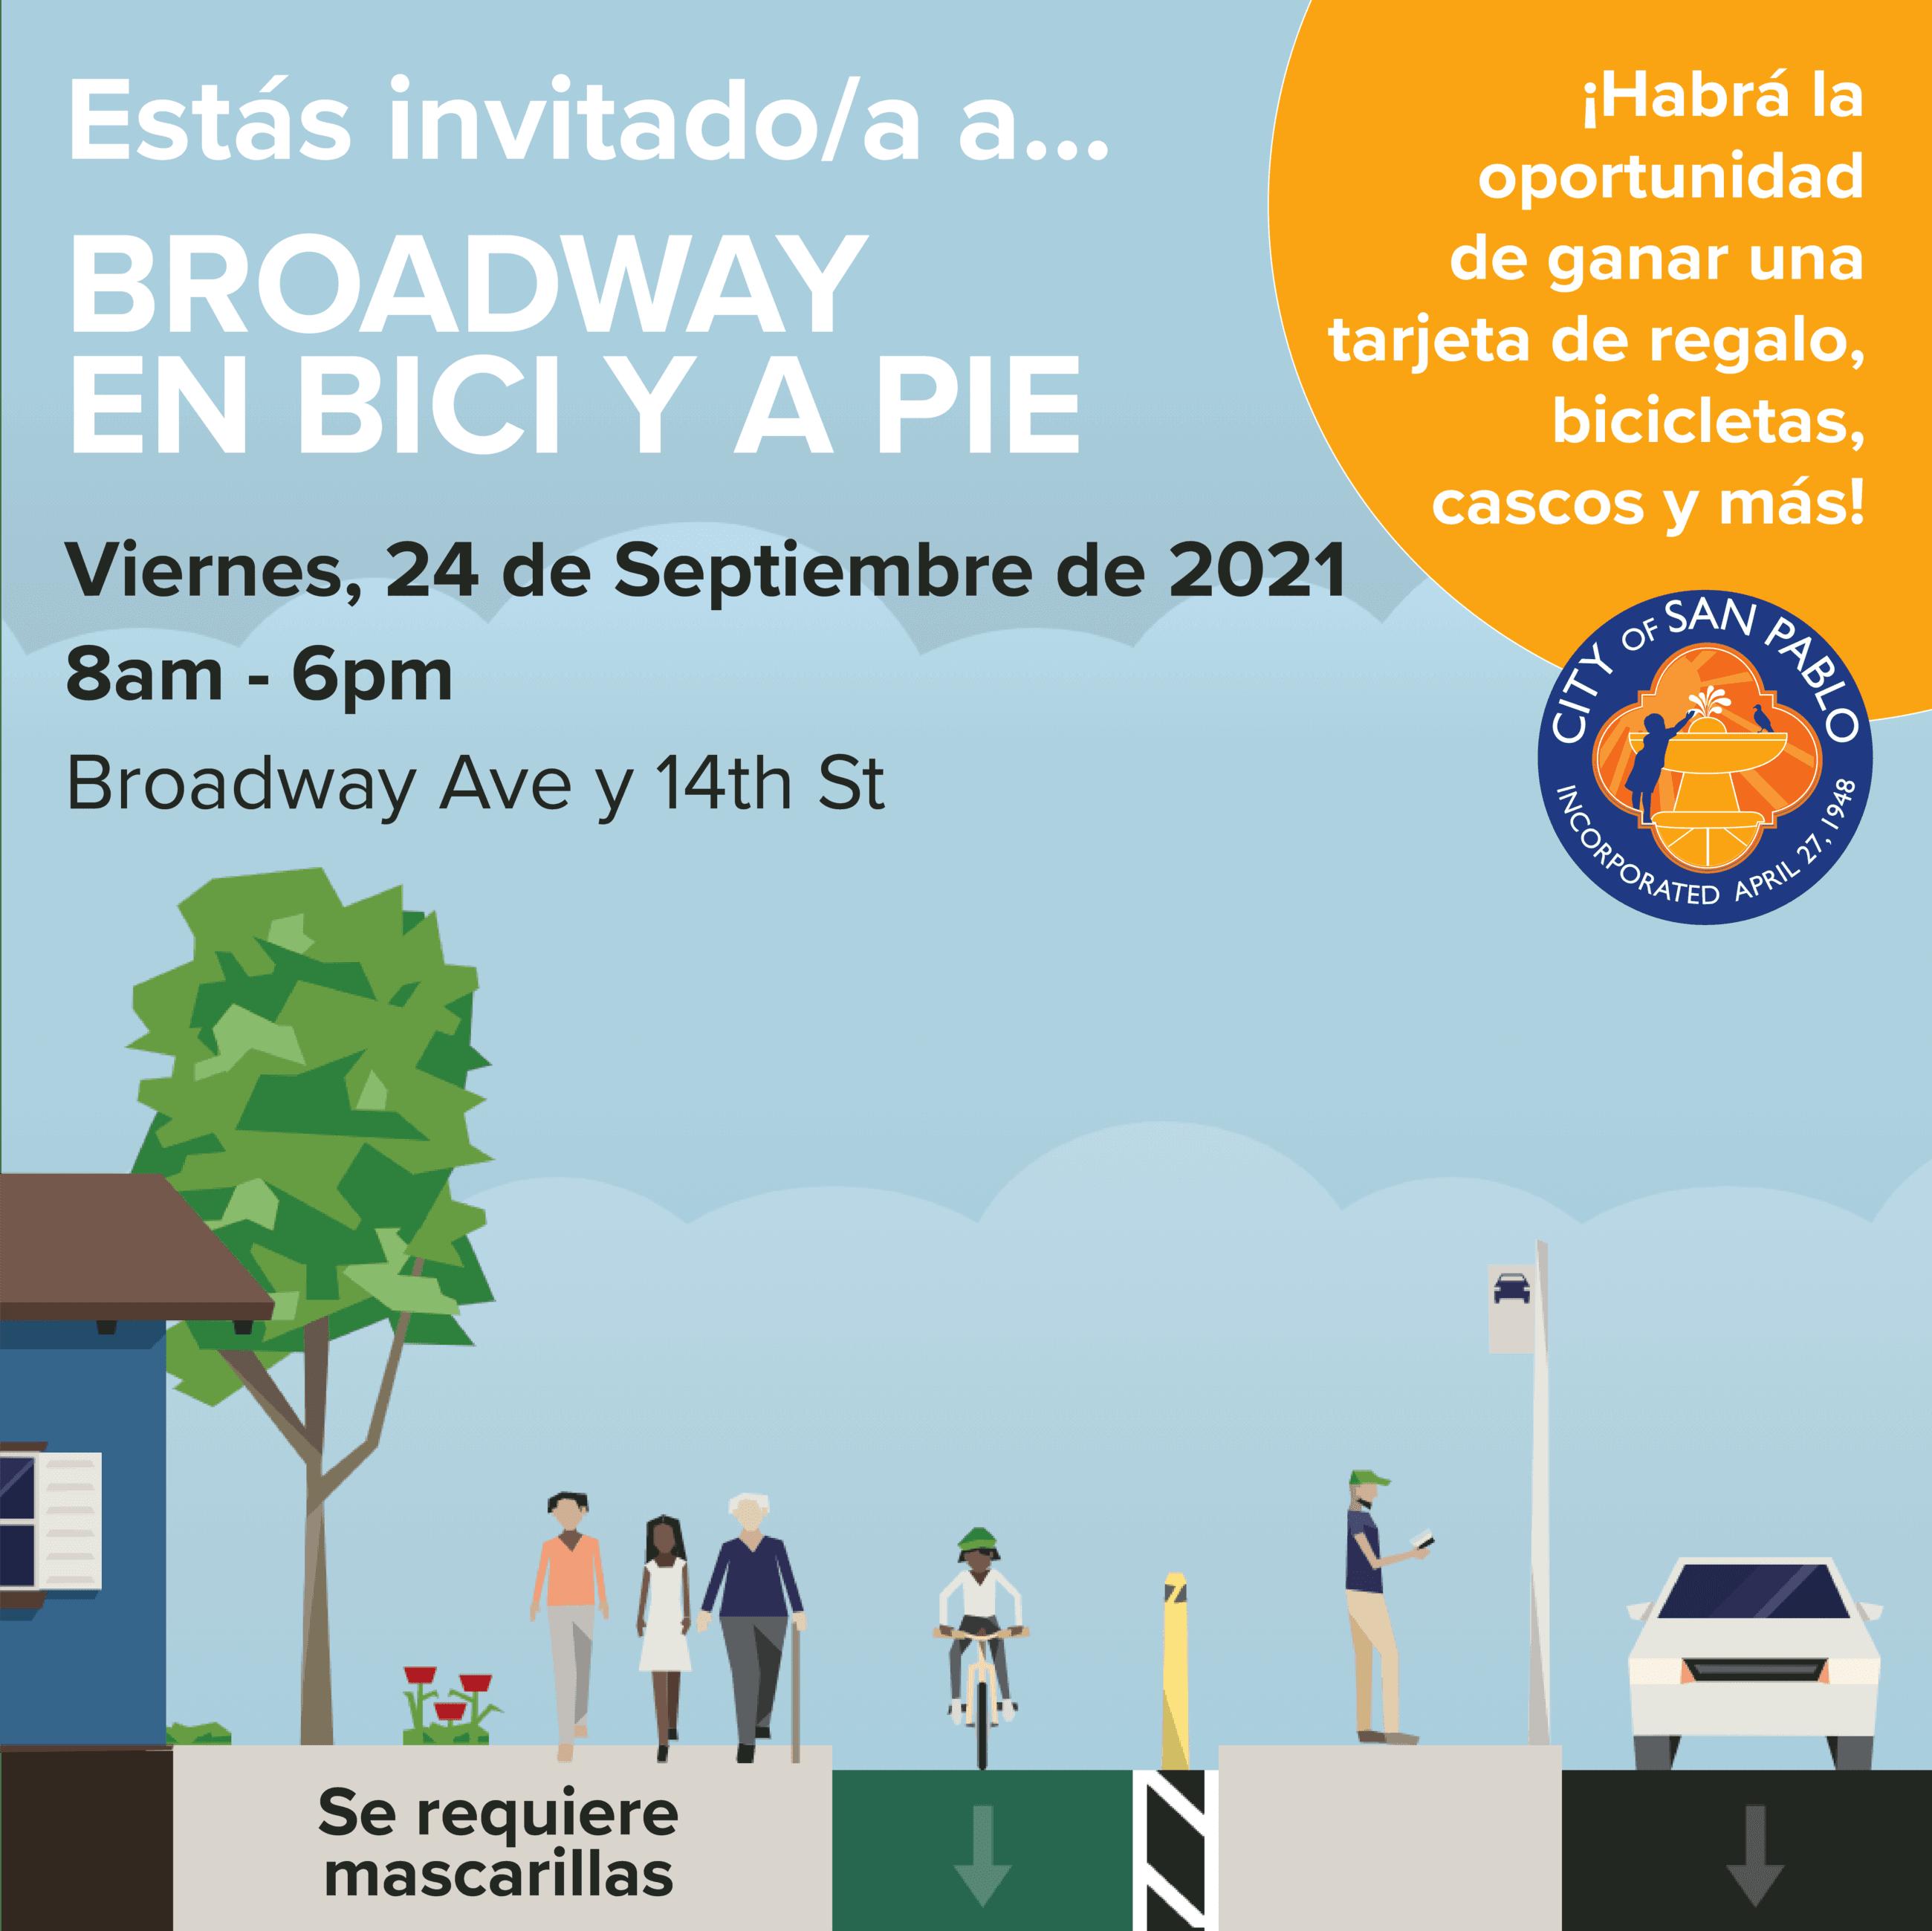 Estás invitado a Broadway en bici y a pie el viernes el 24 de septiembre desde las 8am - 6pm